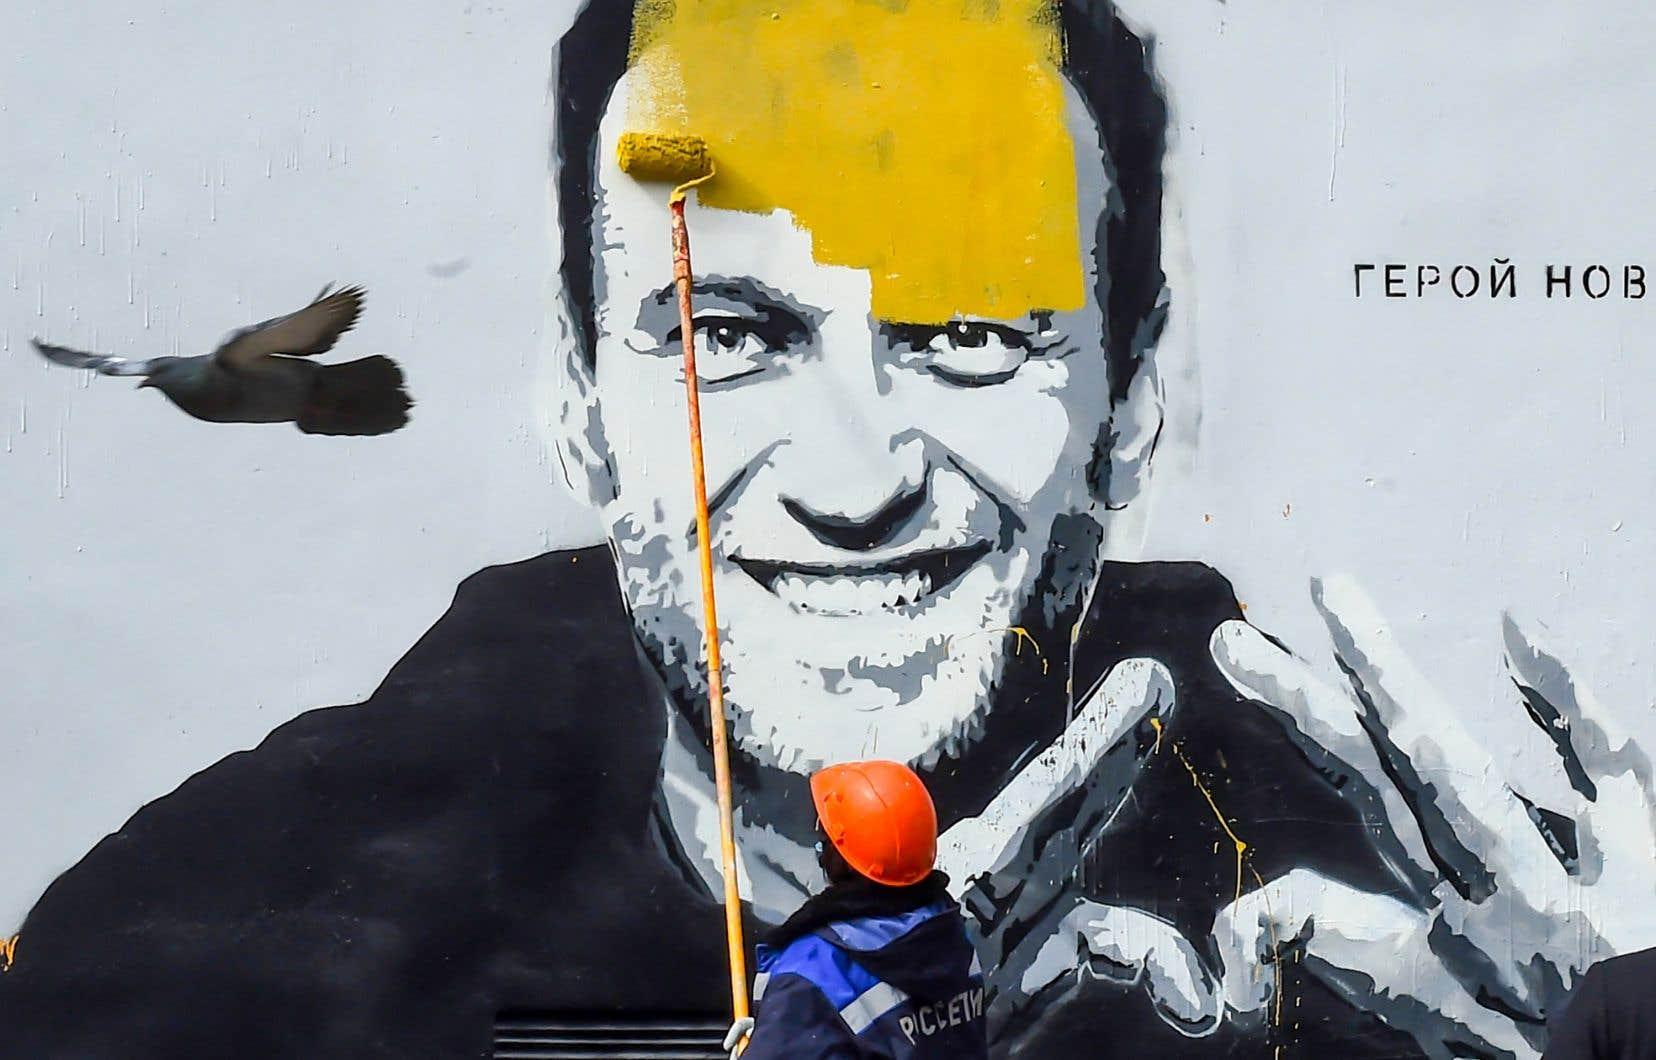 Un procès pour faire reconnaître comme «extrémistes» le Fonds de lutte contre la corruption (FBK) et les bureaux régionaux d'Alexeï Navalny a commencé lundi à Moscou.